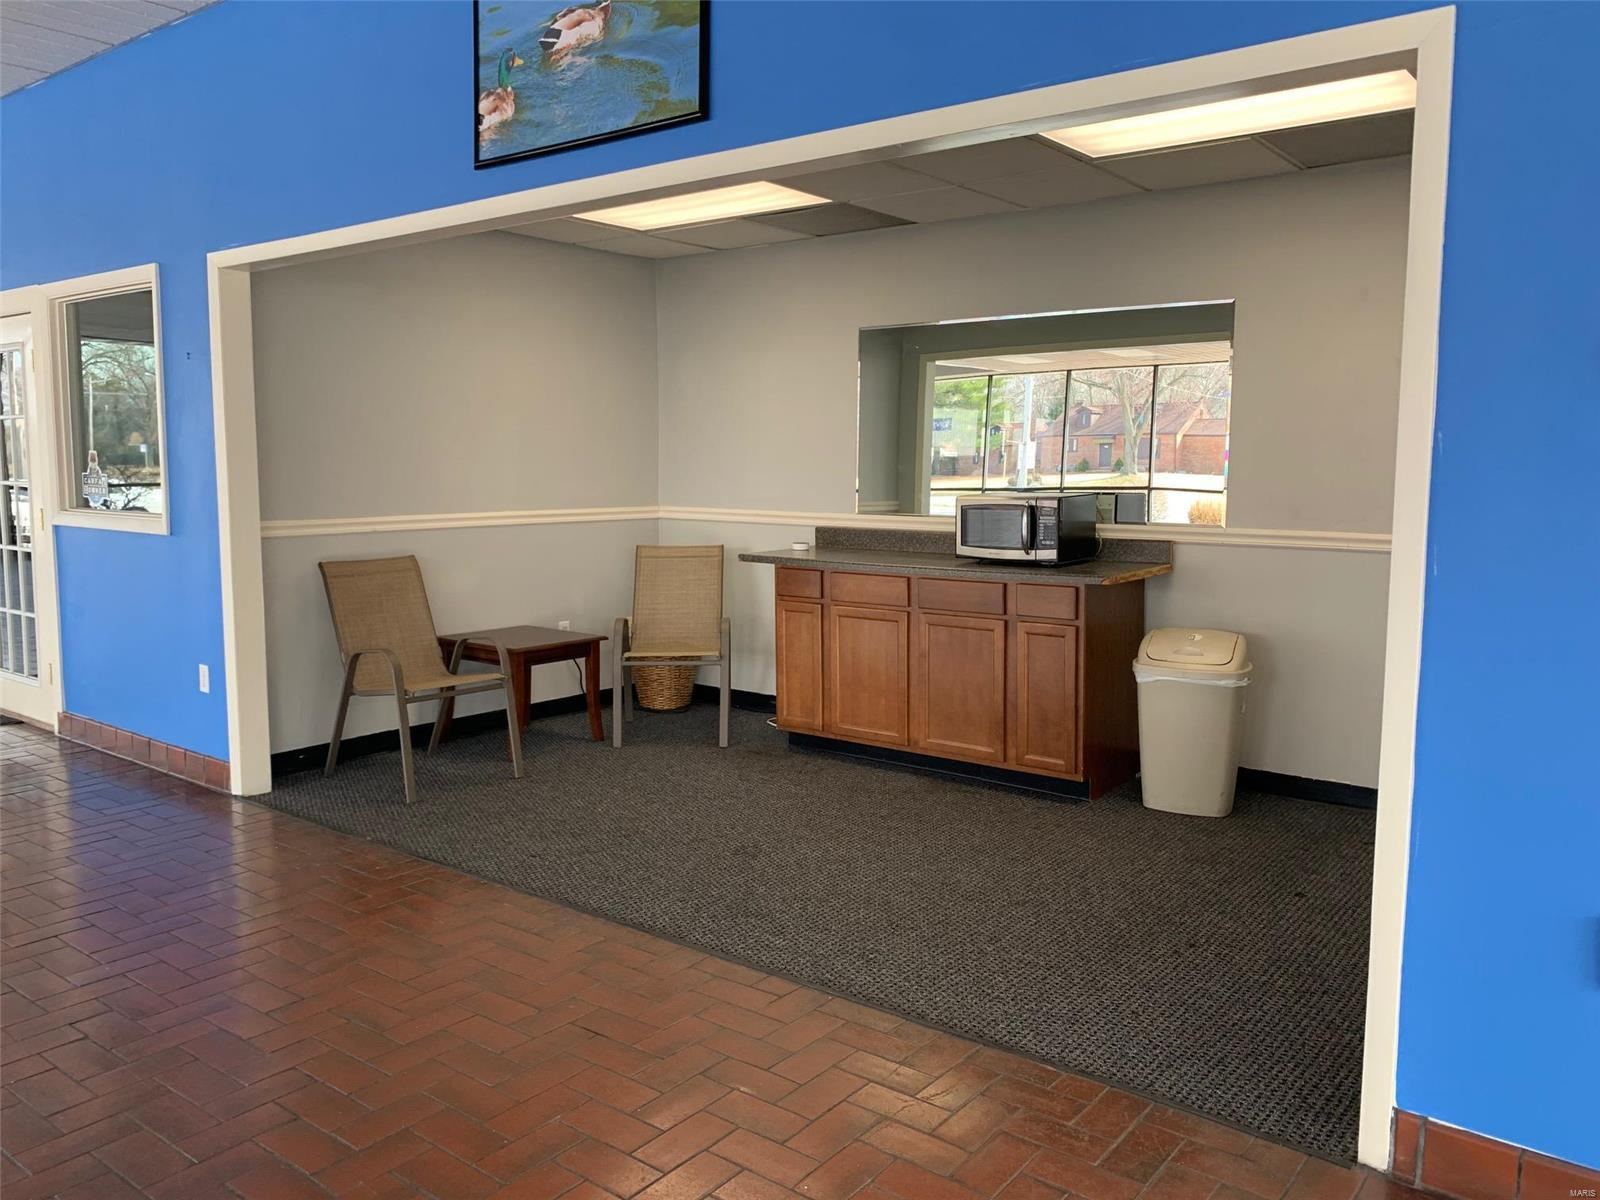 4101 N Belt W Property Photo - Belleville, IL real estate listing